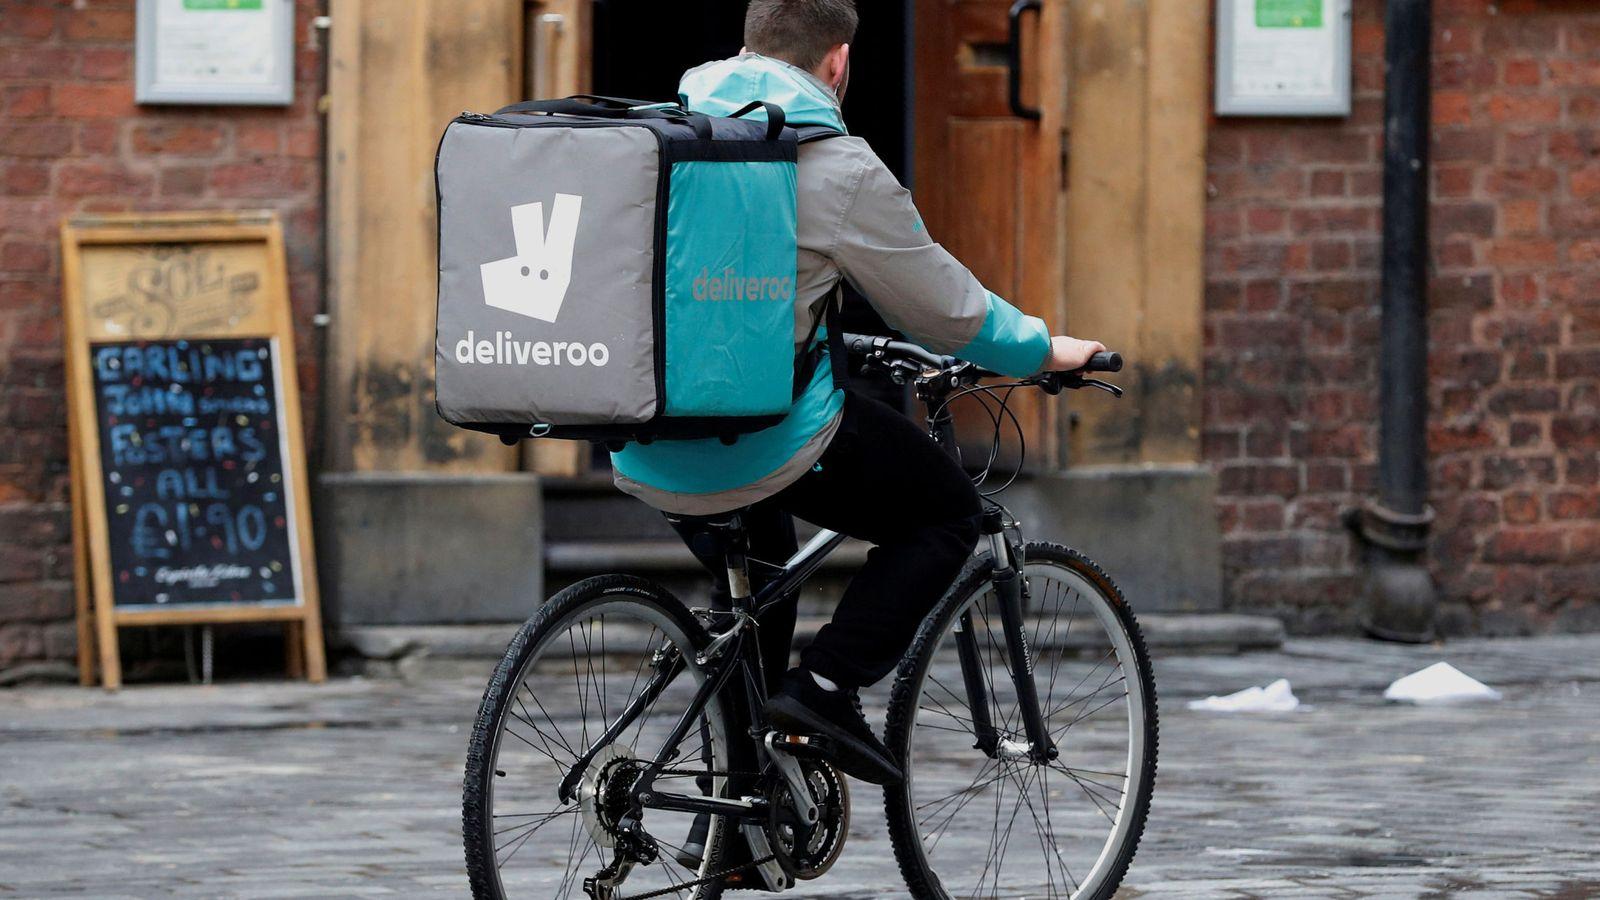 Foto: Deliveroo es una de las plataformas con las que trabajan muchas cadenas de restauración organizada. (Reuters)